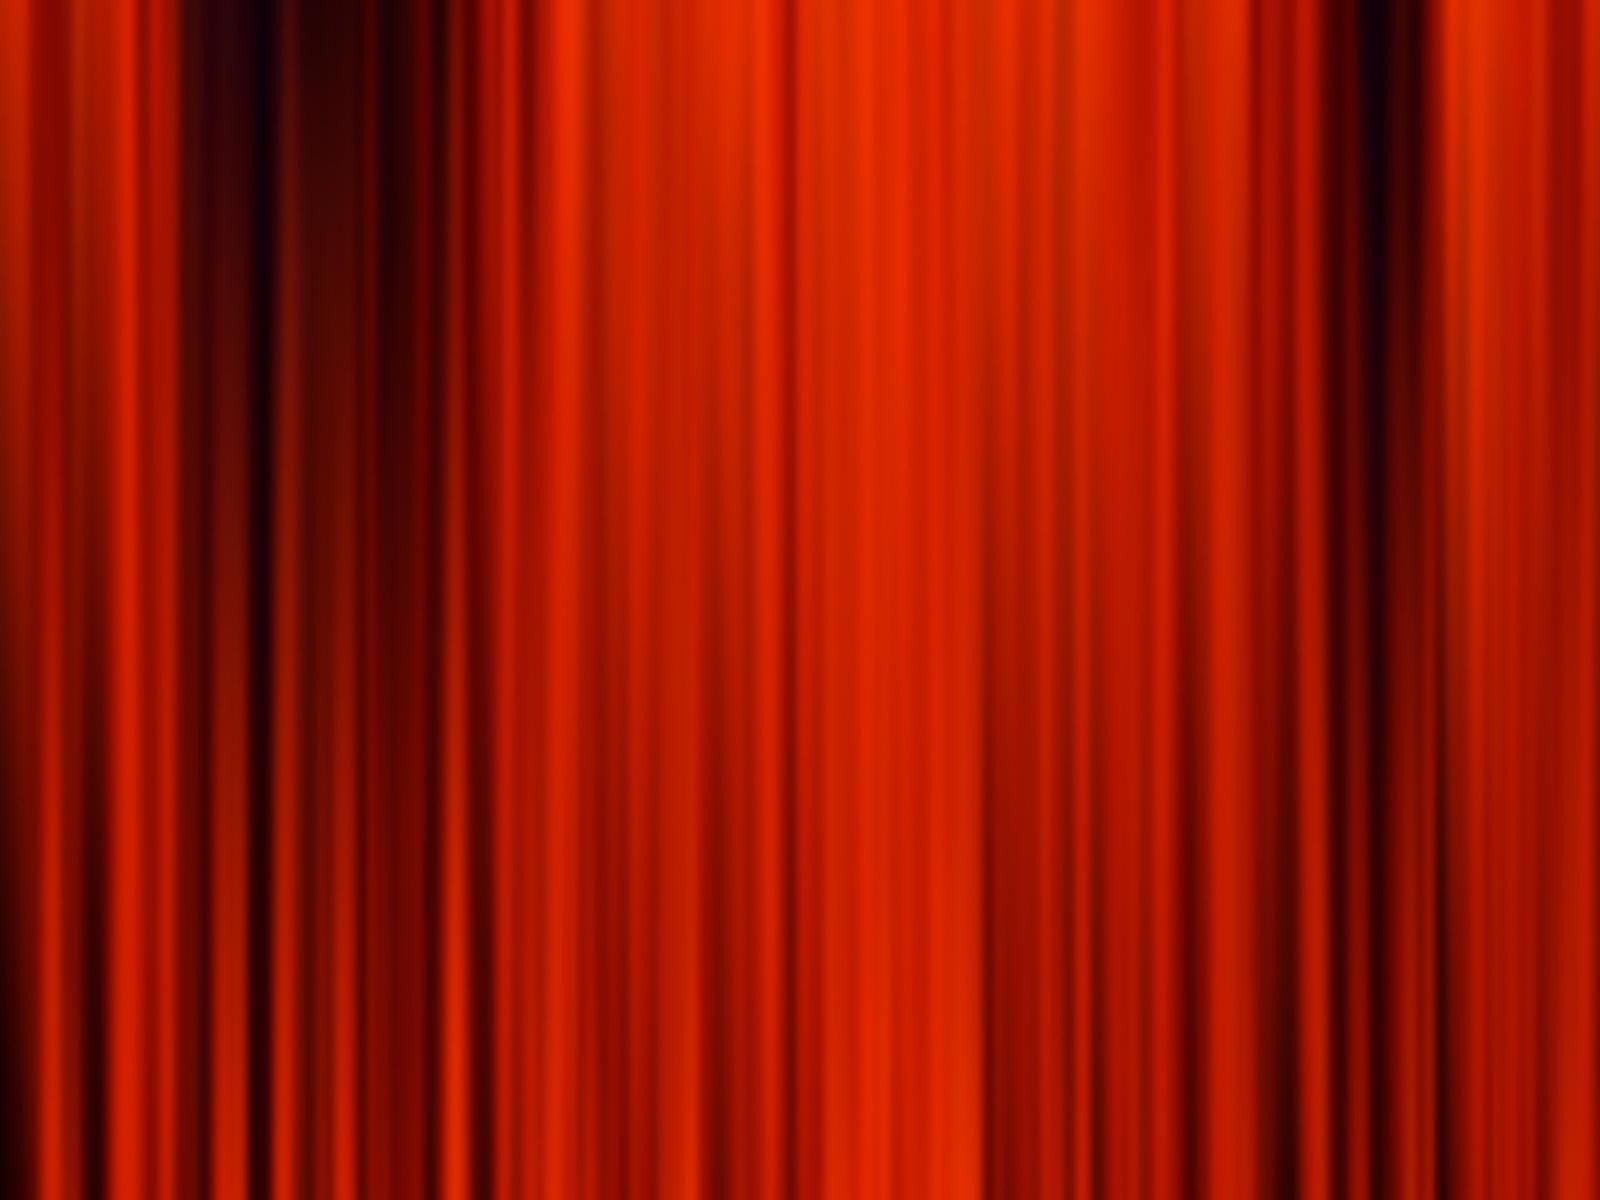 Curtain Texture by edneu2004